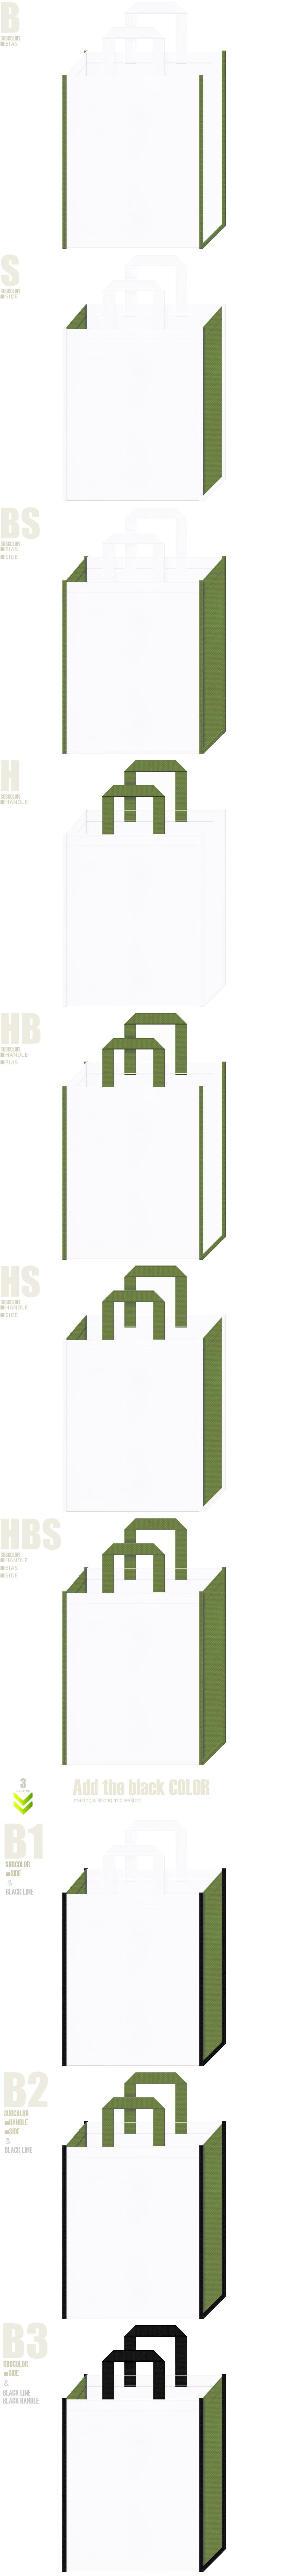 白色と草色の不織布バッグデザイン。造園・園芸用品の展示会用バッグにお奨めです。